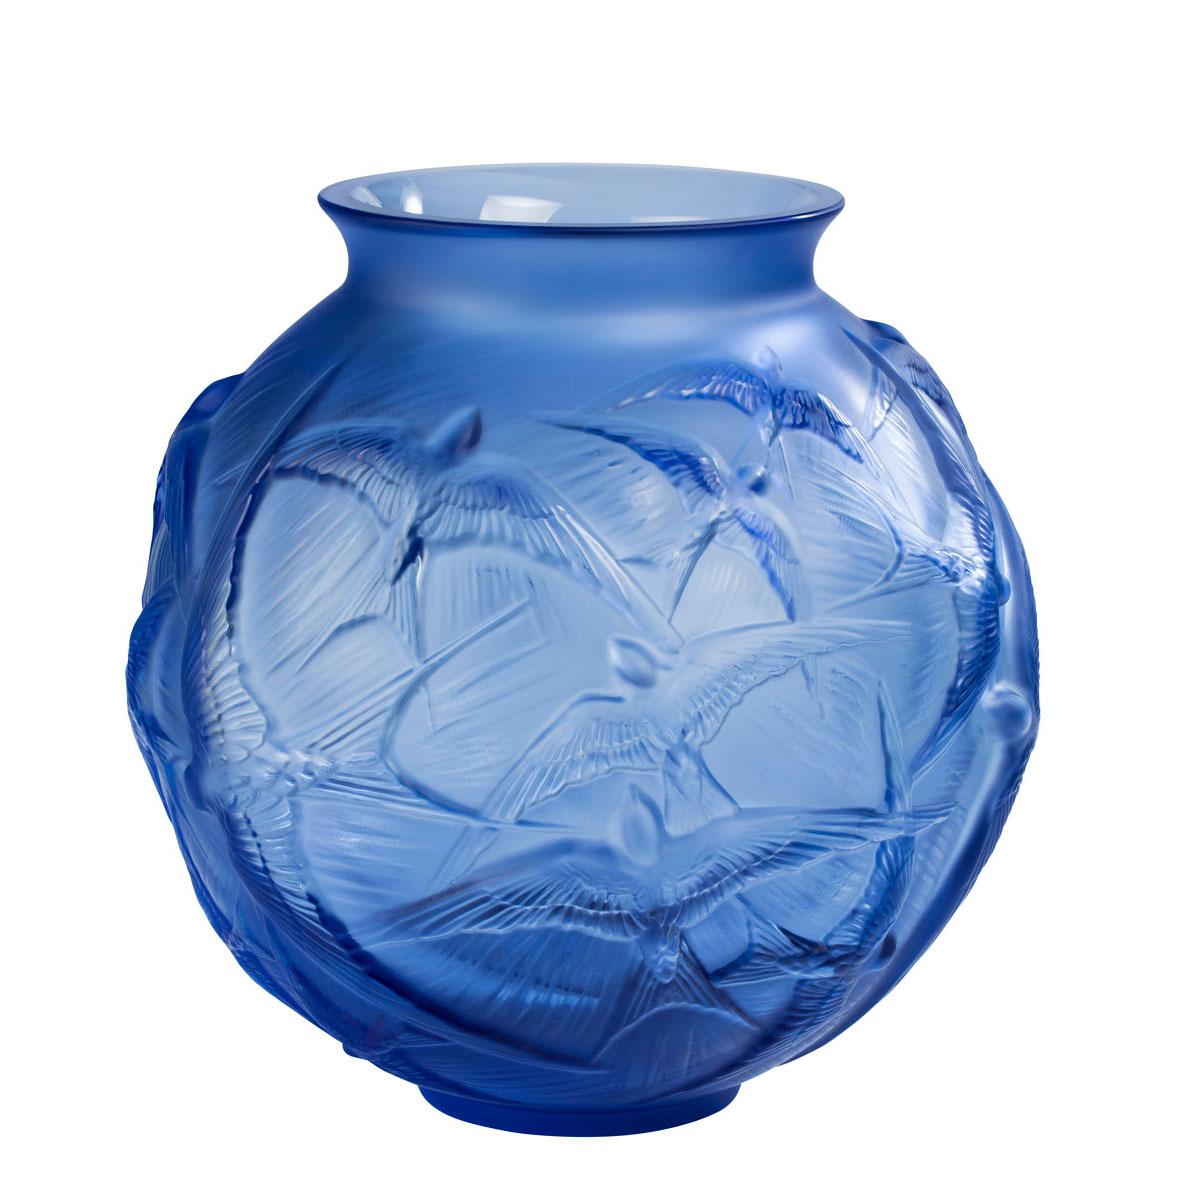 blue decorative vases.htm lalique hirondelles 8 1 2  round vase  sapphire blue crystal  lalique hirondelles 8 1 2  round vase